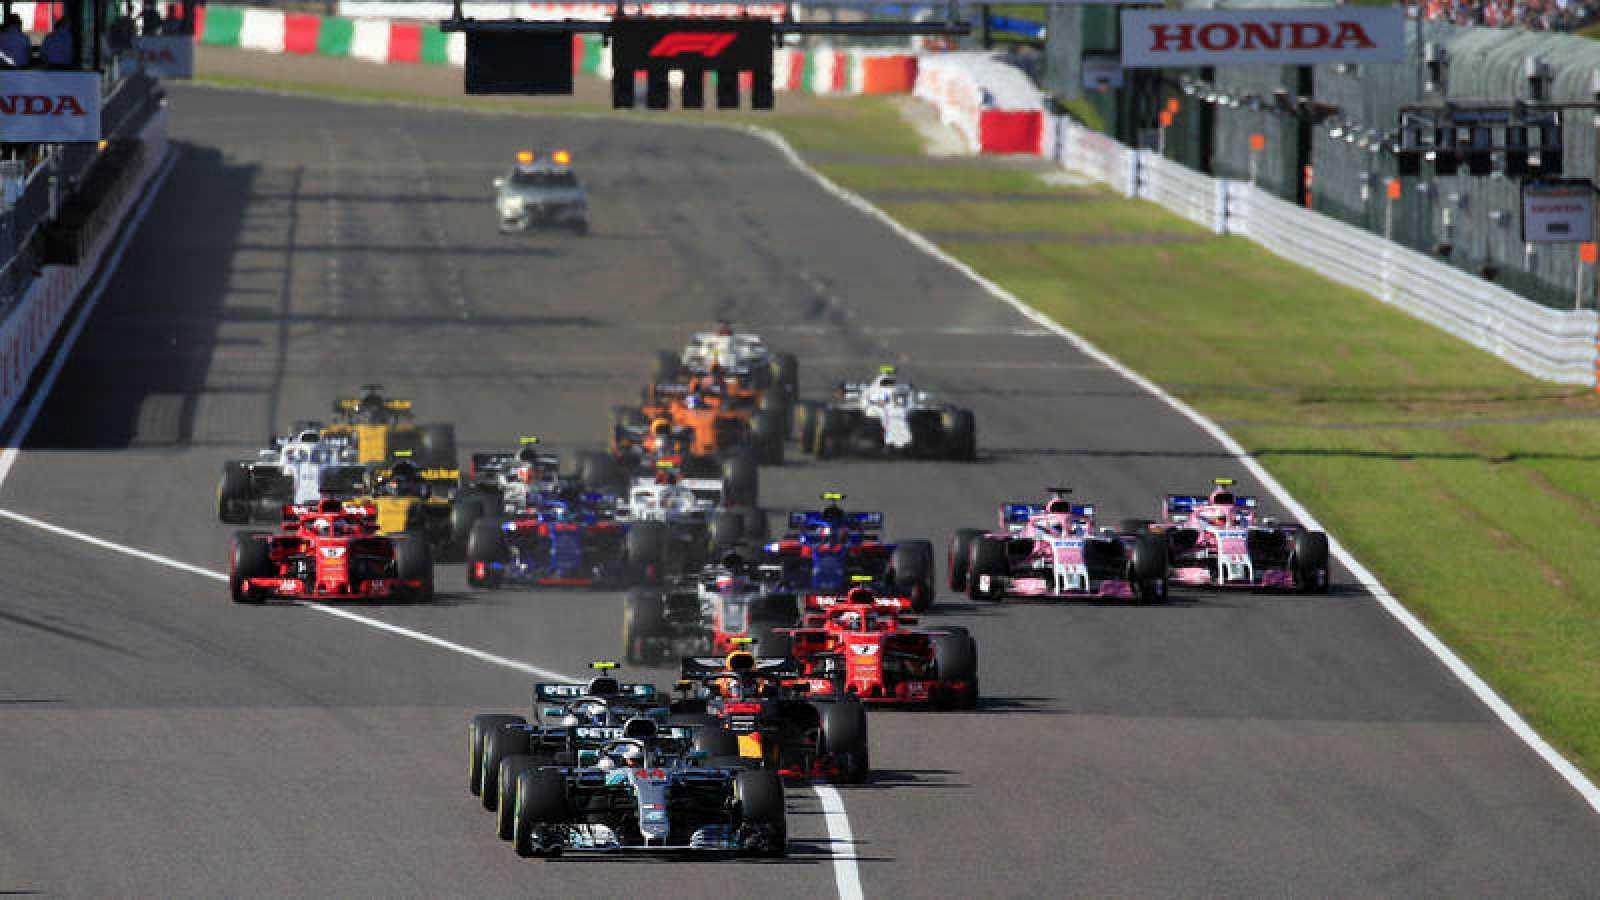 La FIA aprueba los cambios para la Fórmula 1 de 2019